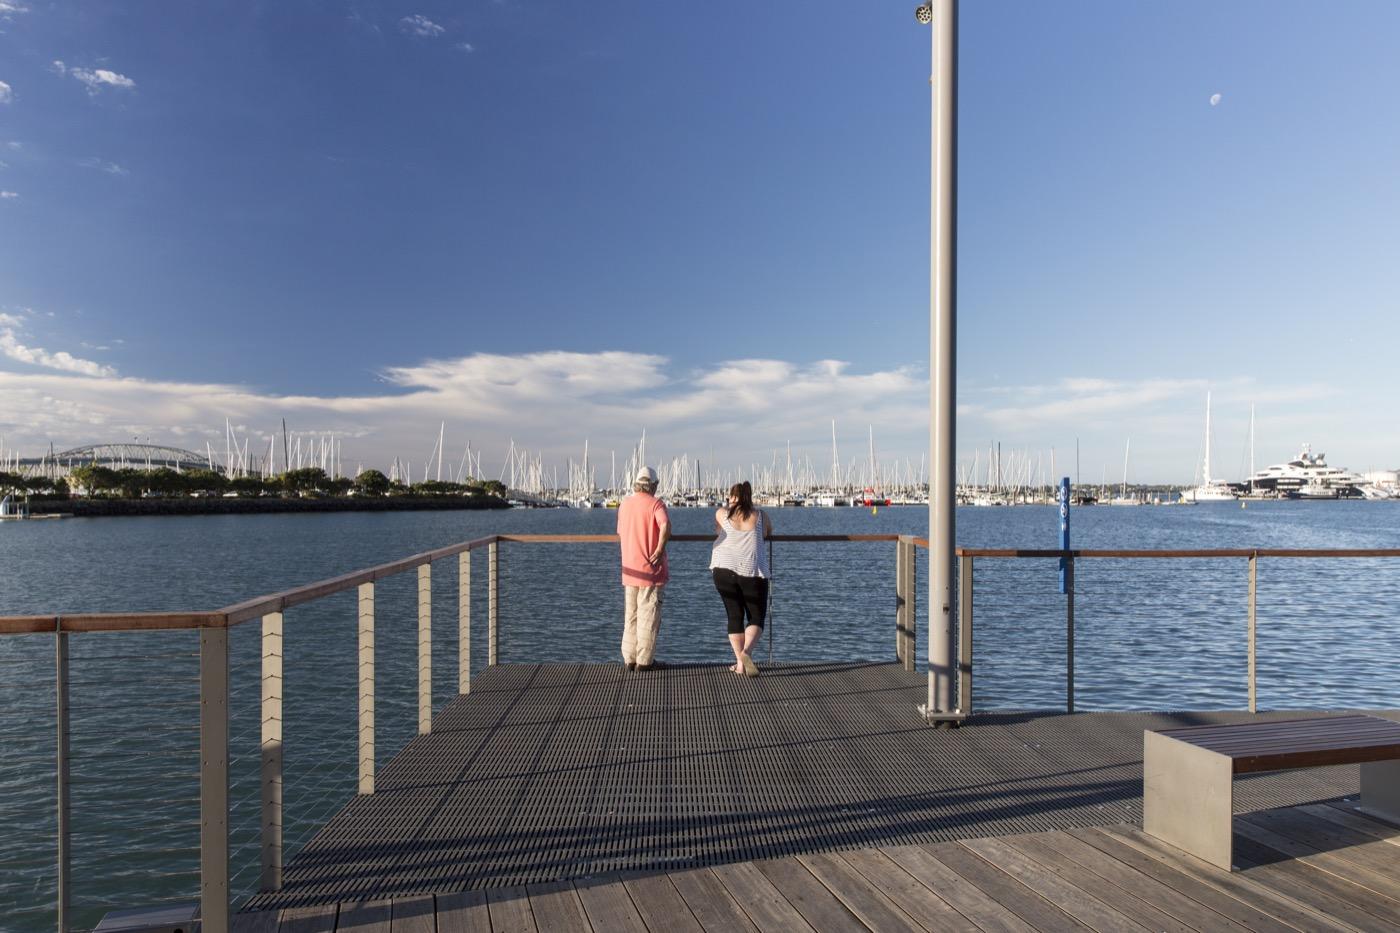 Promenade-Mar15-5923